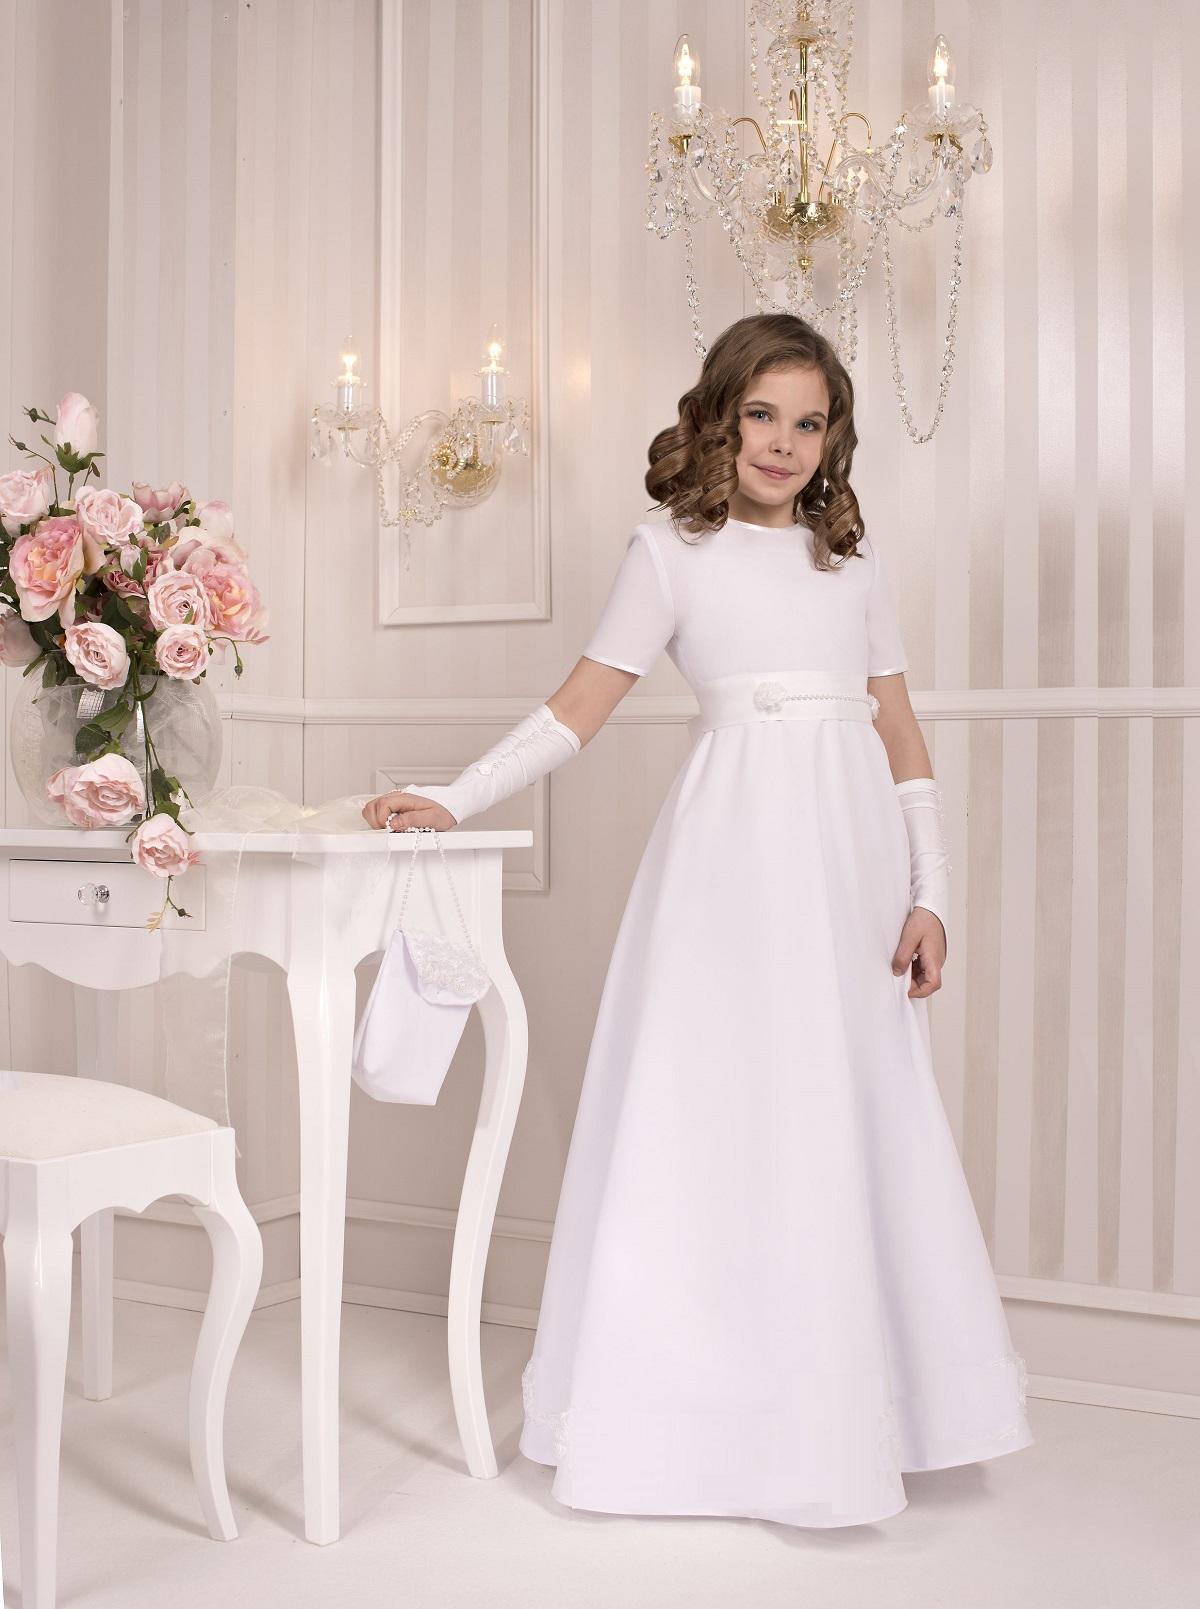 75d0201dc0 Sukienka komunijna Sukienki Poezja gładka rozm 146 - 7256289881 ...